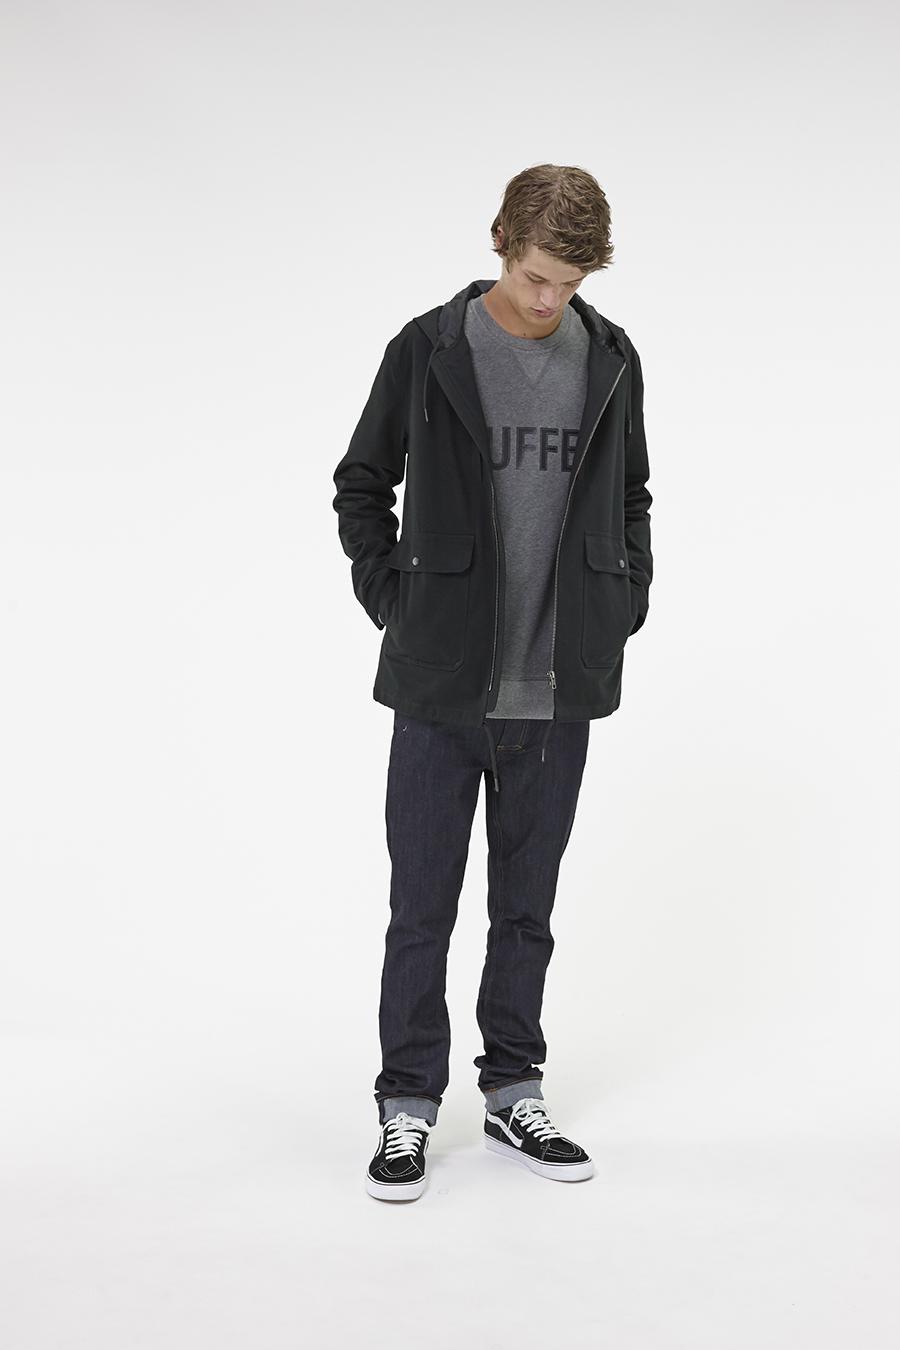 Huffer_Q3-16_M-Parker-Jacket_Black-04